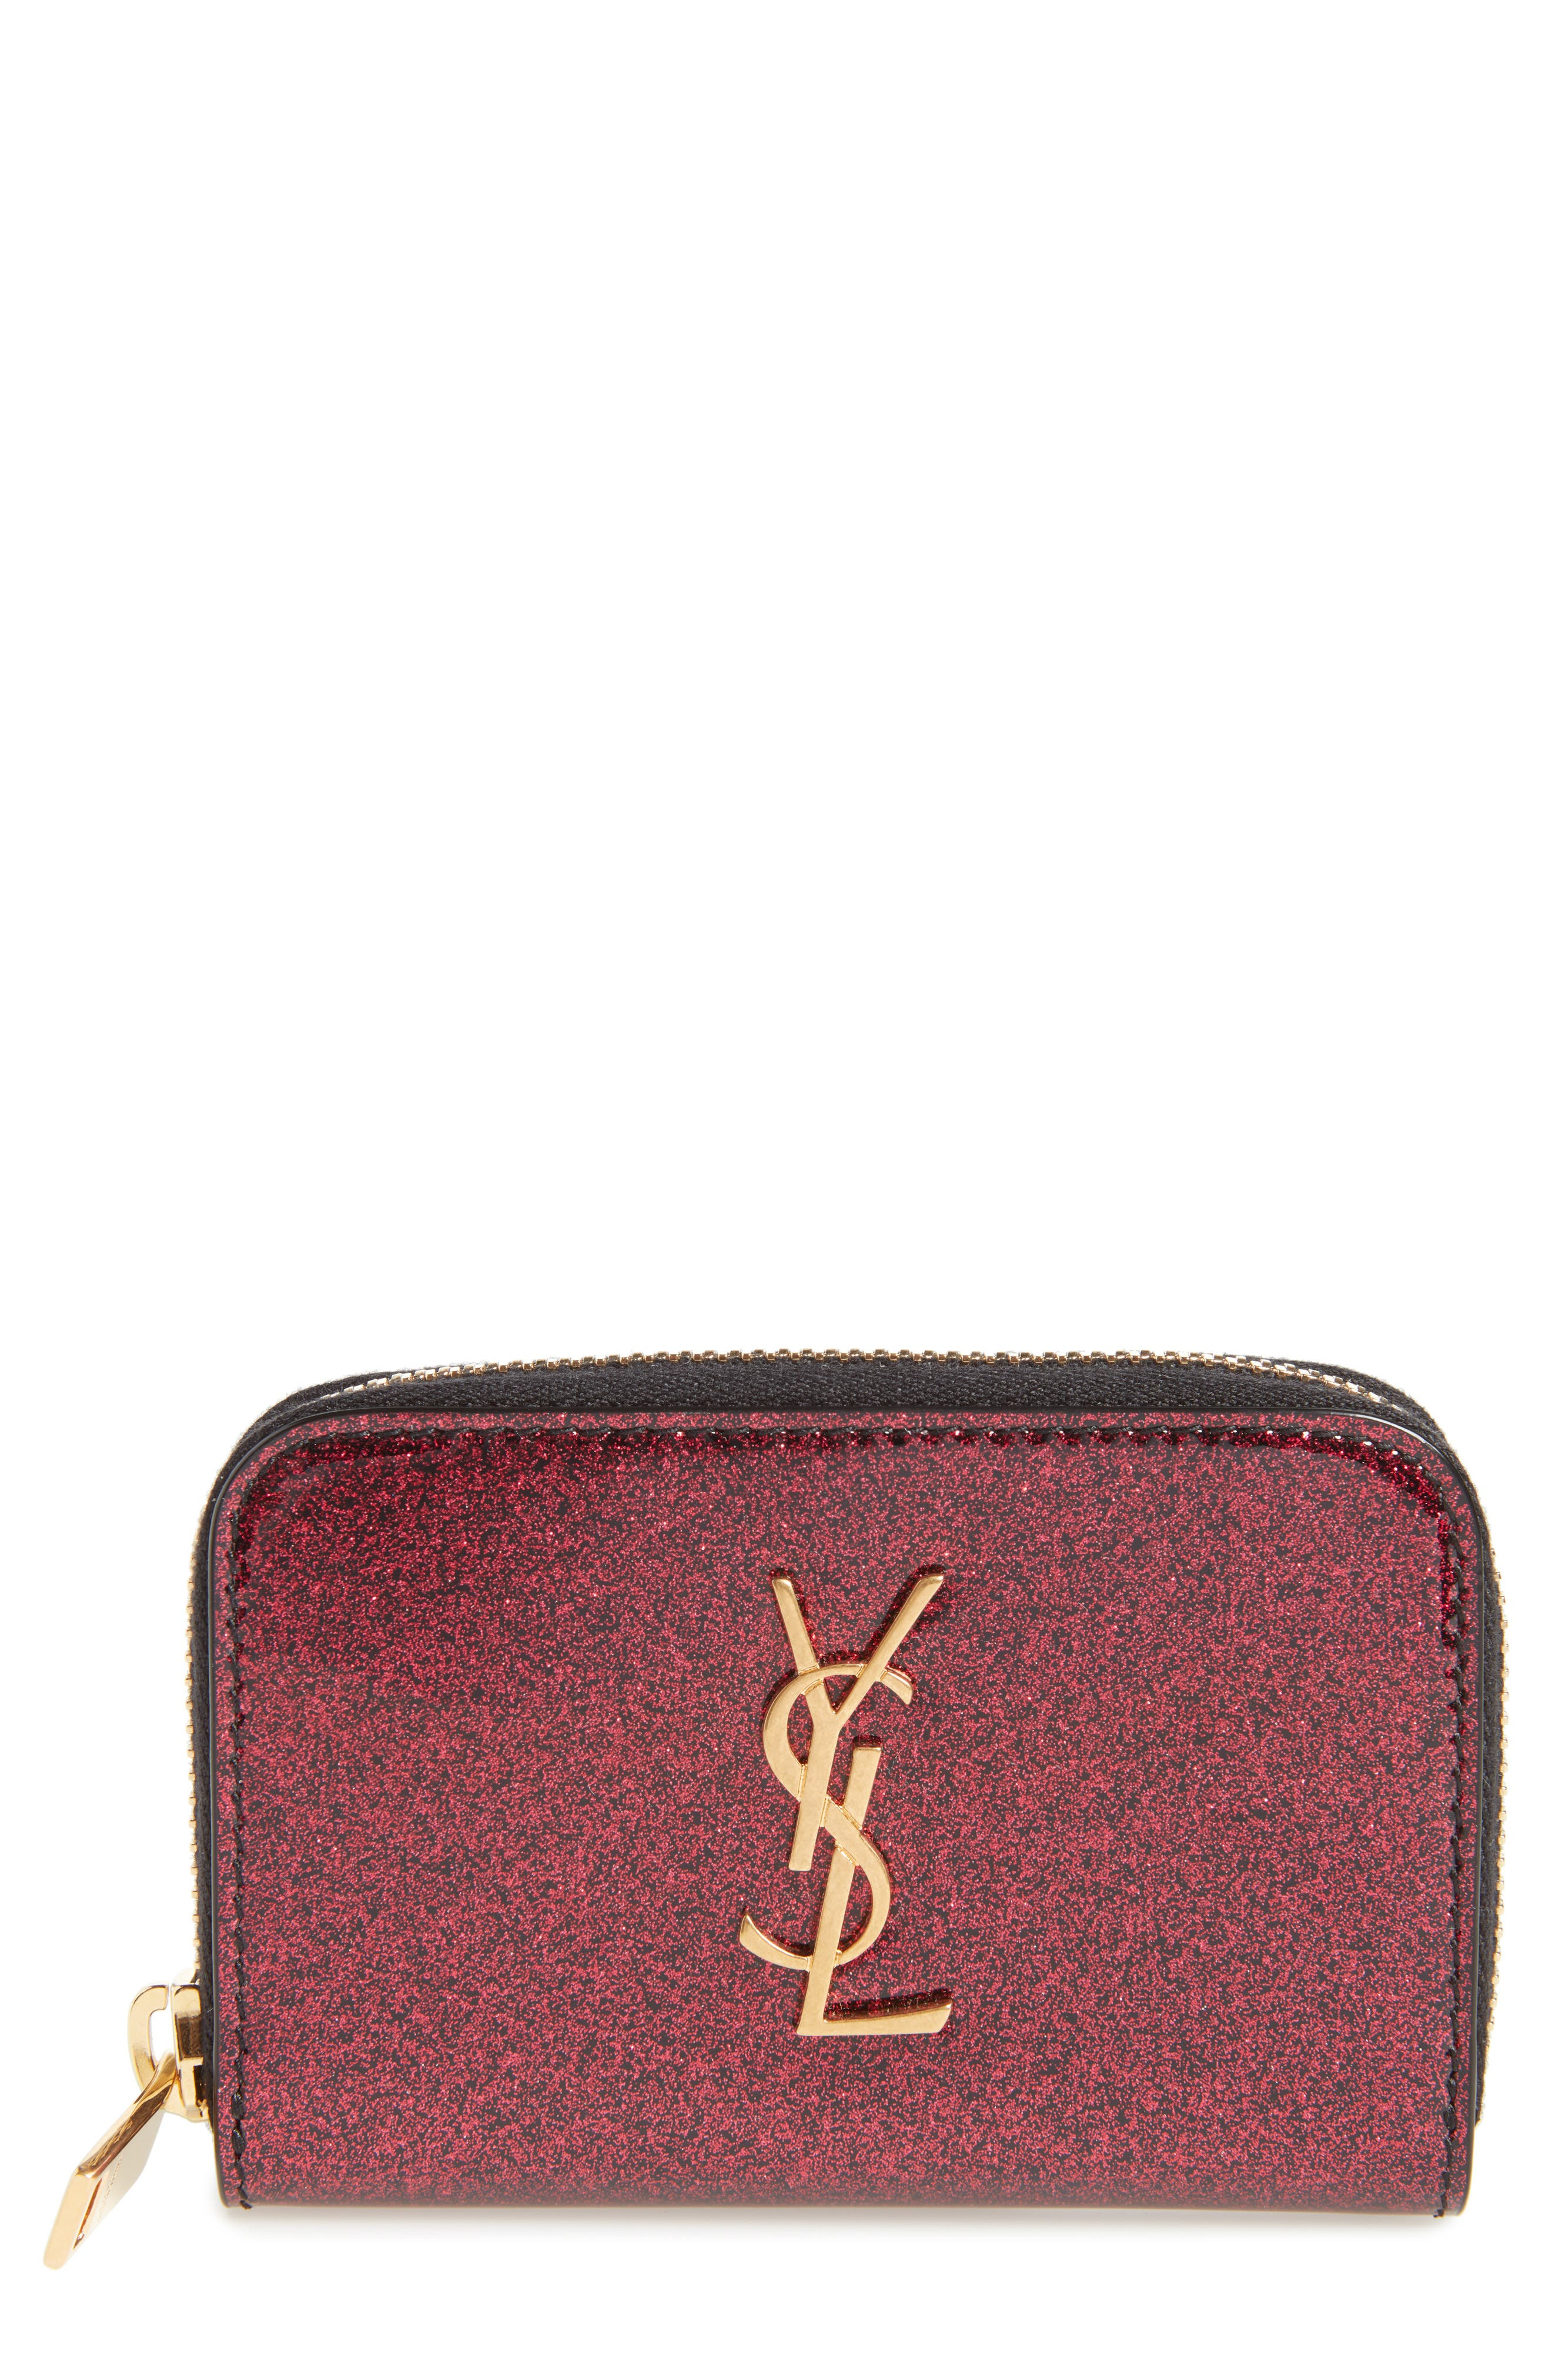 Glitter Calfskin Leather Wallet, Main, color, SHOCKING PINK/ NOIR